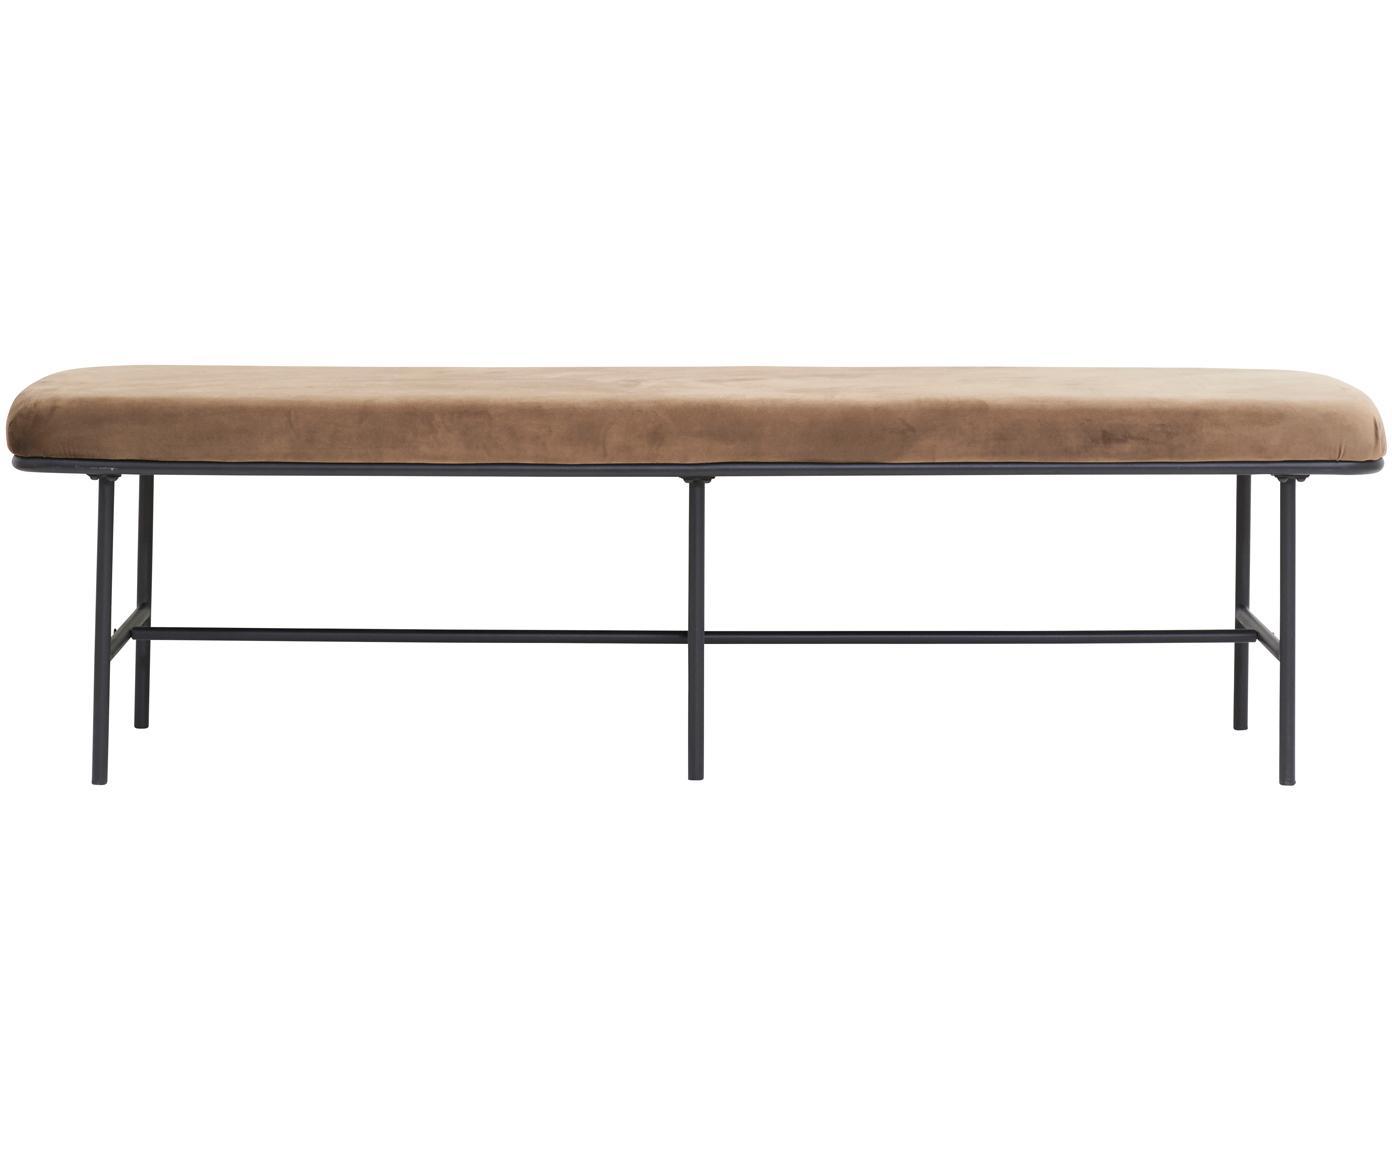 Fluwelen zitbank Comma, Bekleding: polyester fluweel, Frame: gepoedercoat staal, Bekleding: bruin. Frame: zwart, B 160 cm